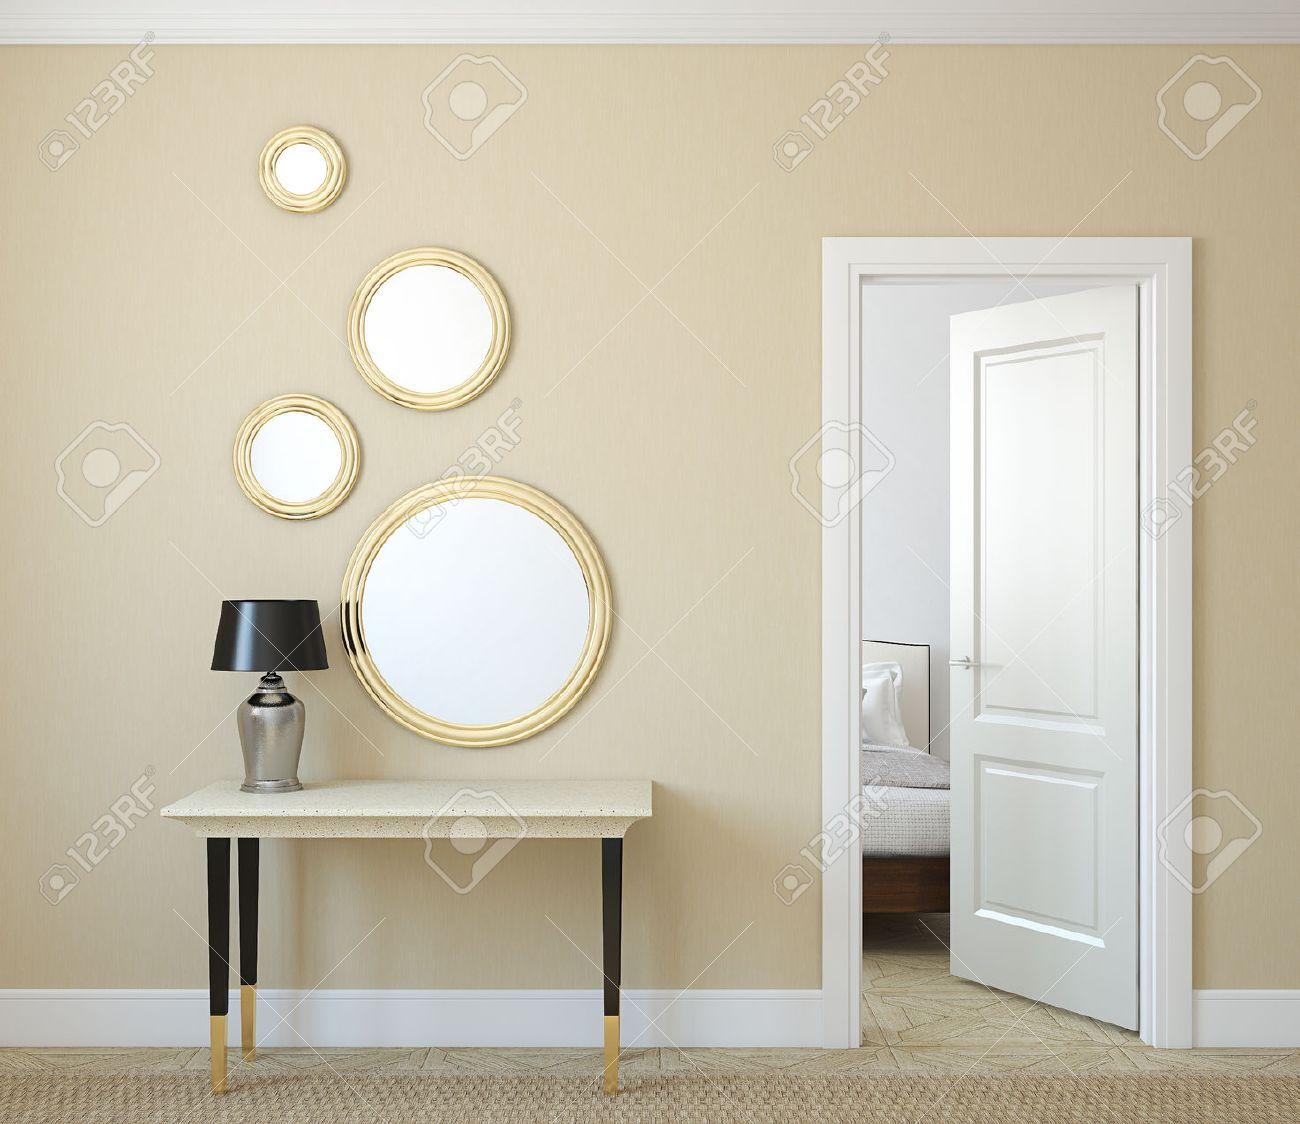 Modern hallway with open door. 3d render. - 46522668